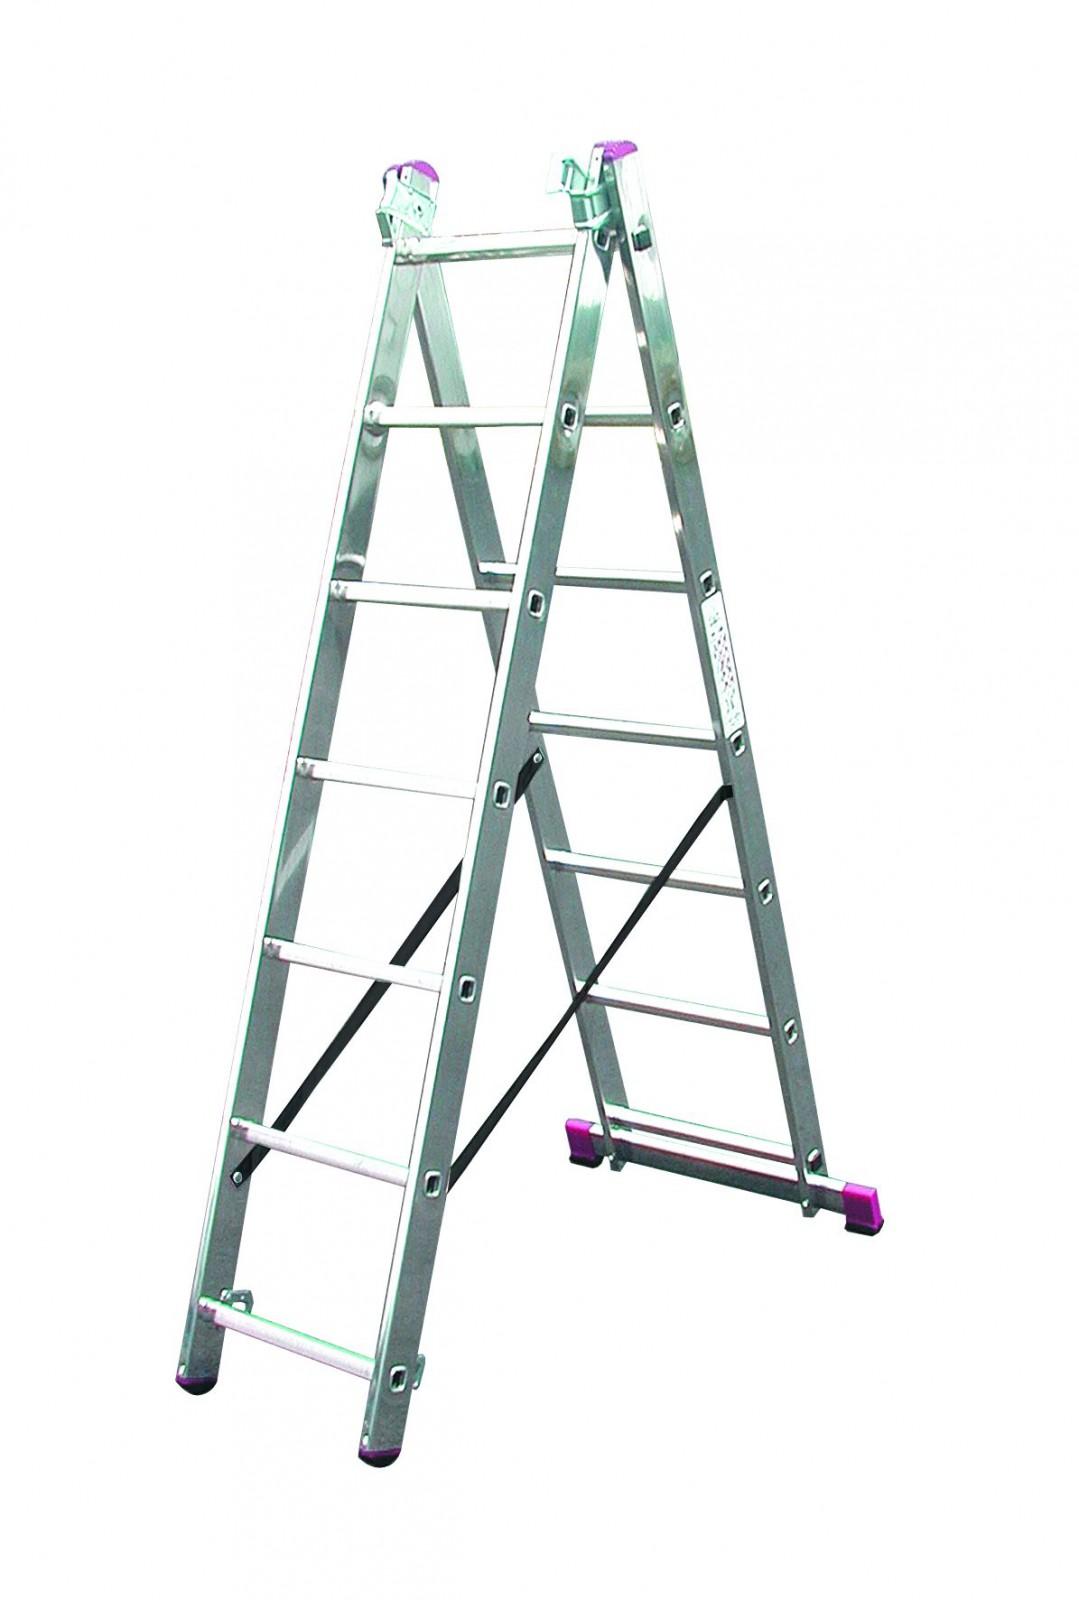 krause corda alu vielzweck treppenleiter 3x8 stufen stehleiter allzweckleiter ebay. Black Bedroom Furniture Sets. Home Design Ideas